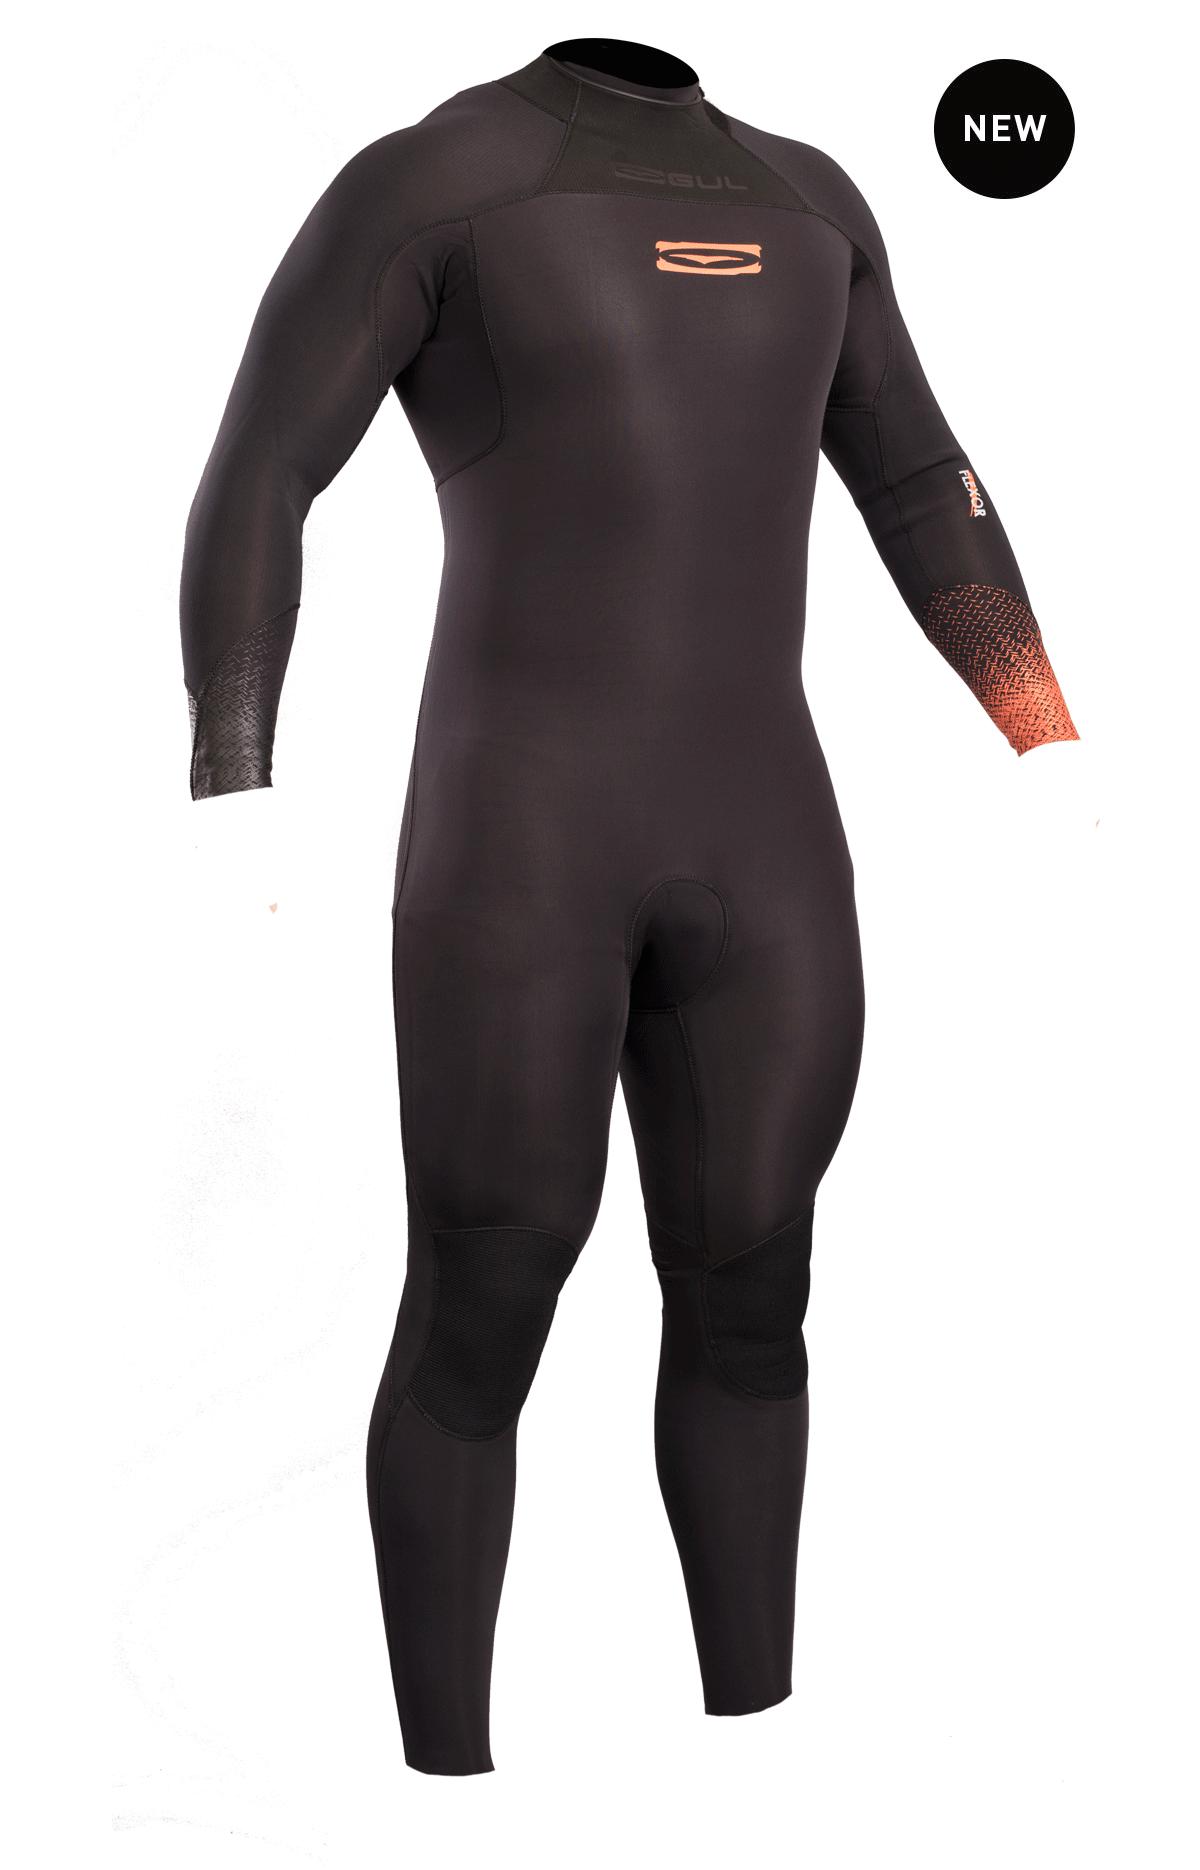 Gul Flexor Iii 3/2 Bs Wetsuit   Fx1208-B4